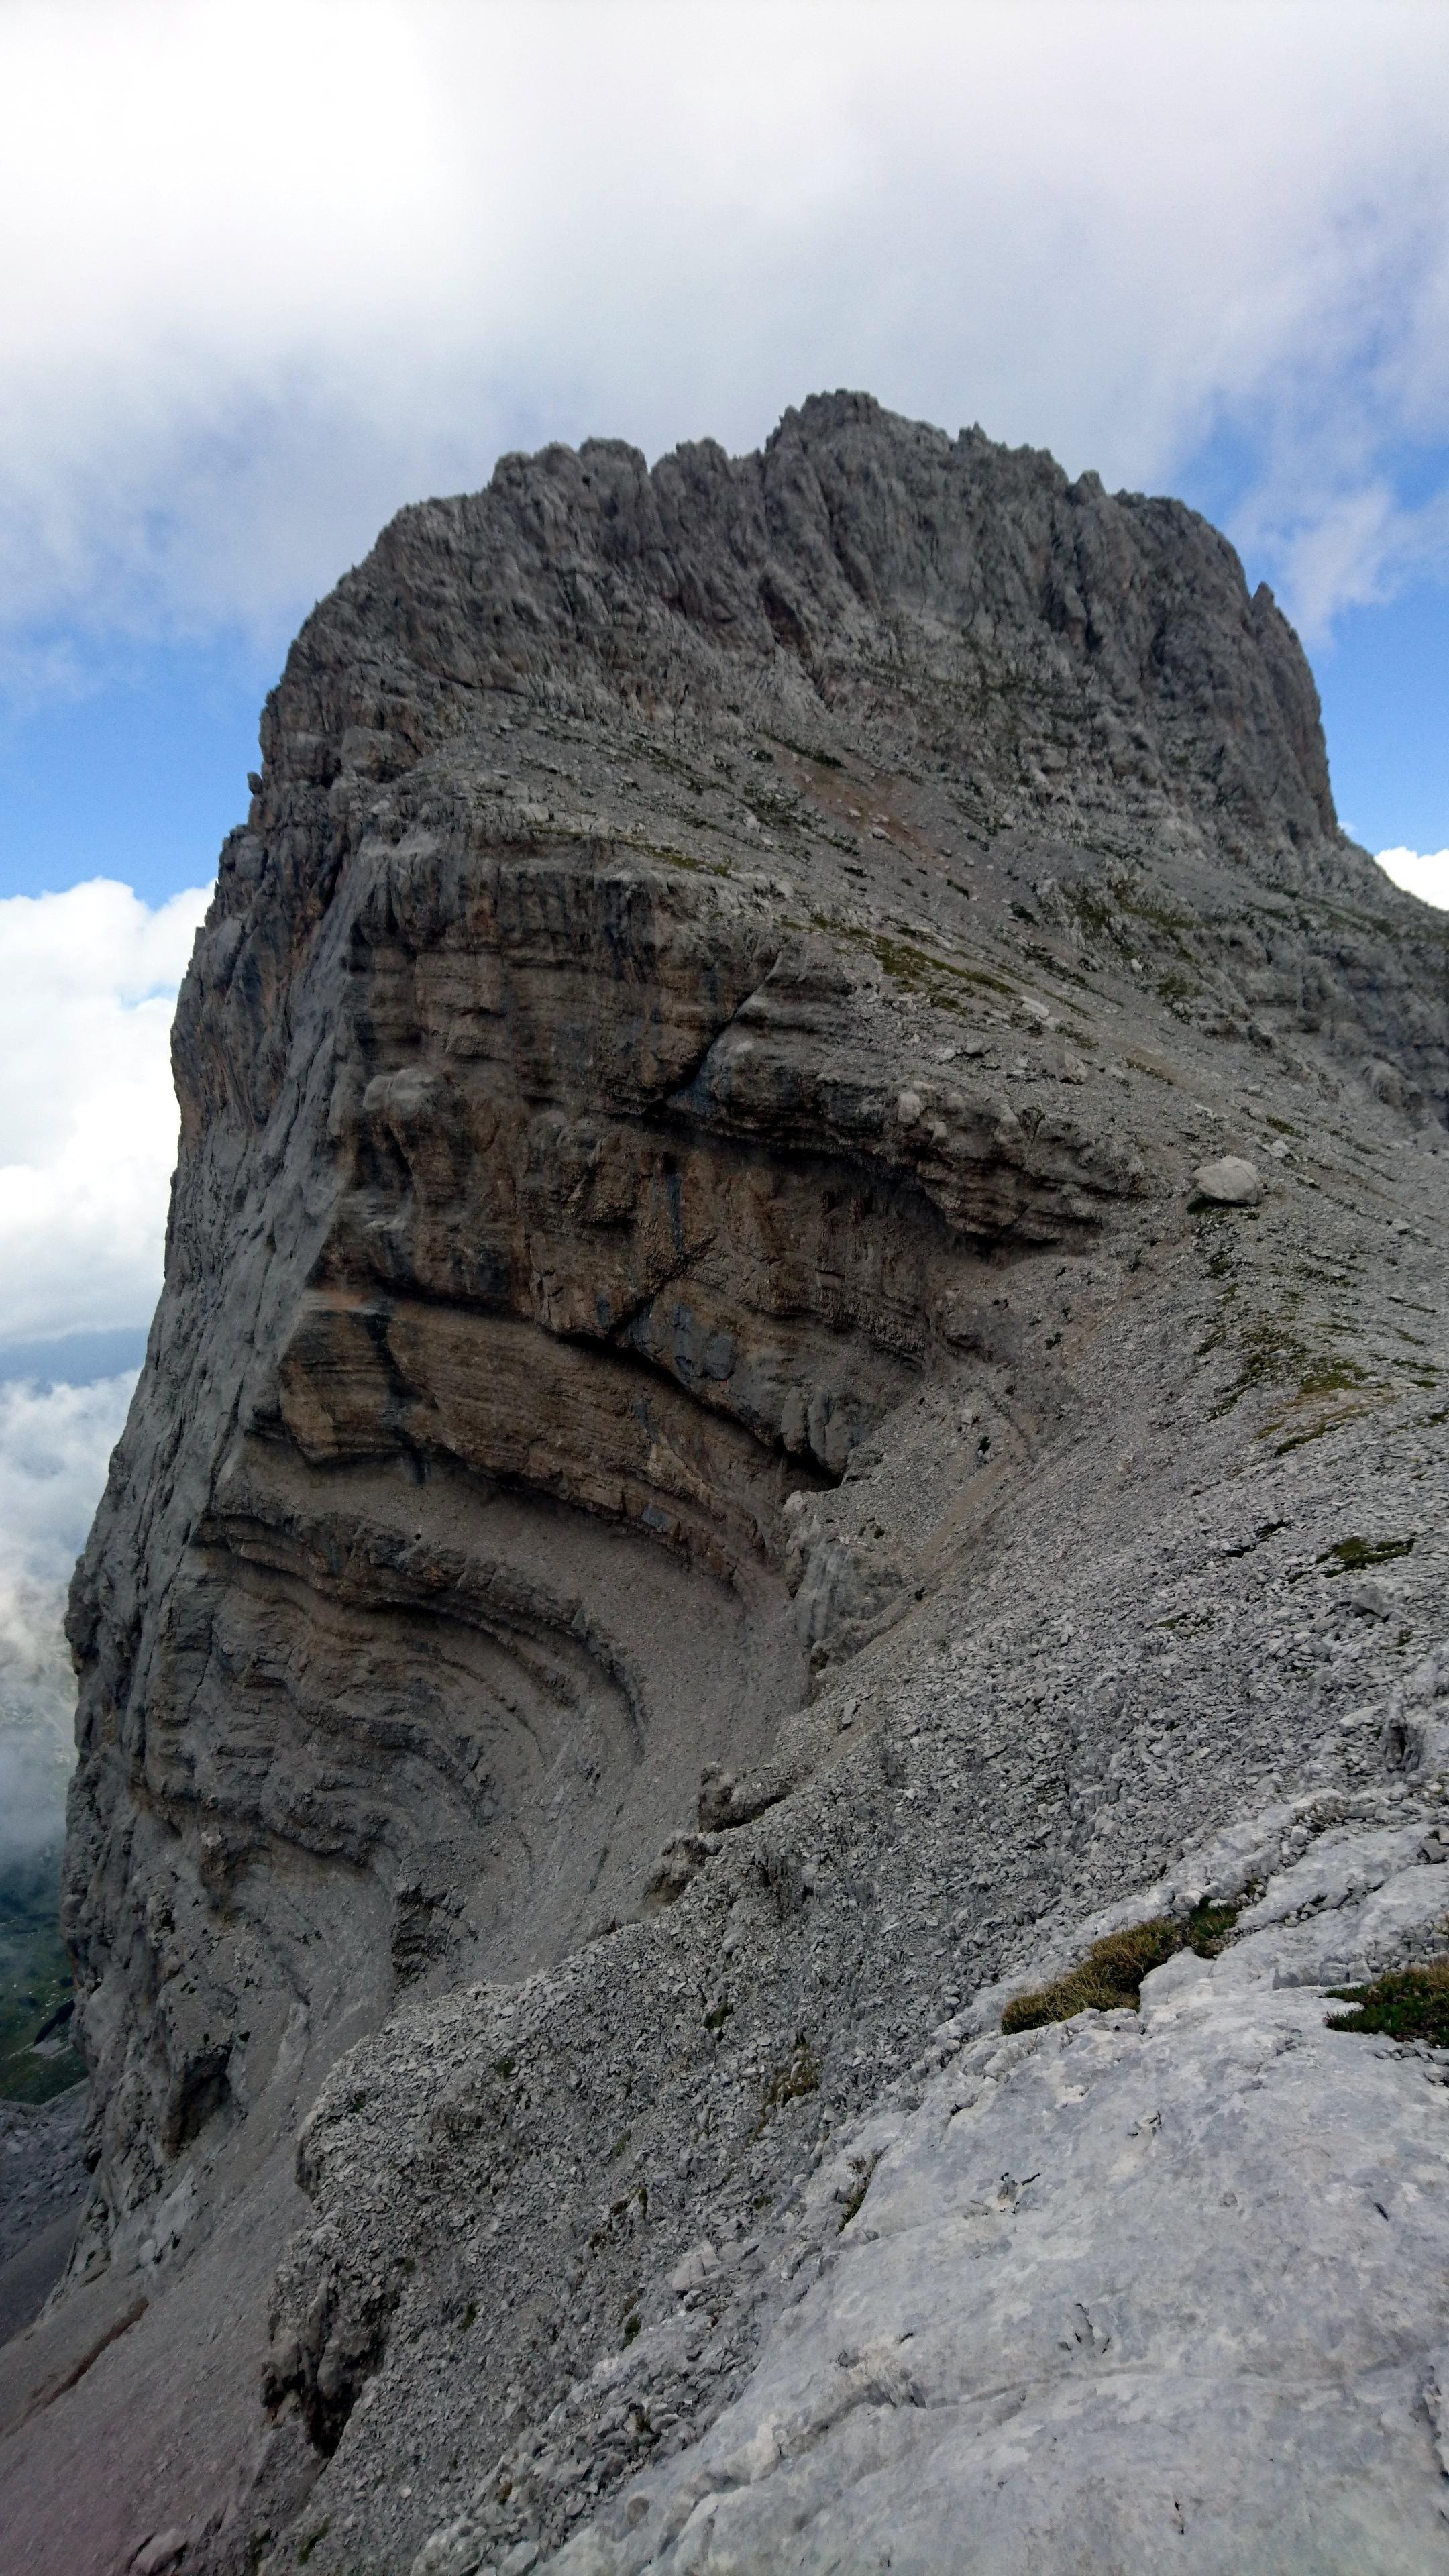 Siamo arrivati al passo e da qui possiamo attaccare la via normale per la cima XII Apostoli. Qualche sfasciume iniziale e poi facile cresta....esposta